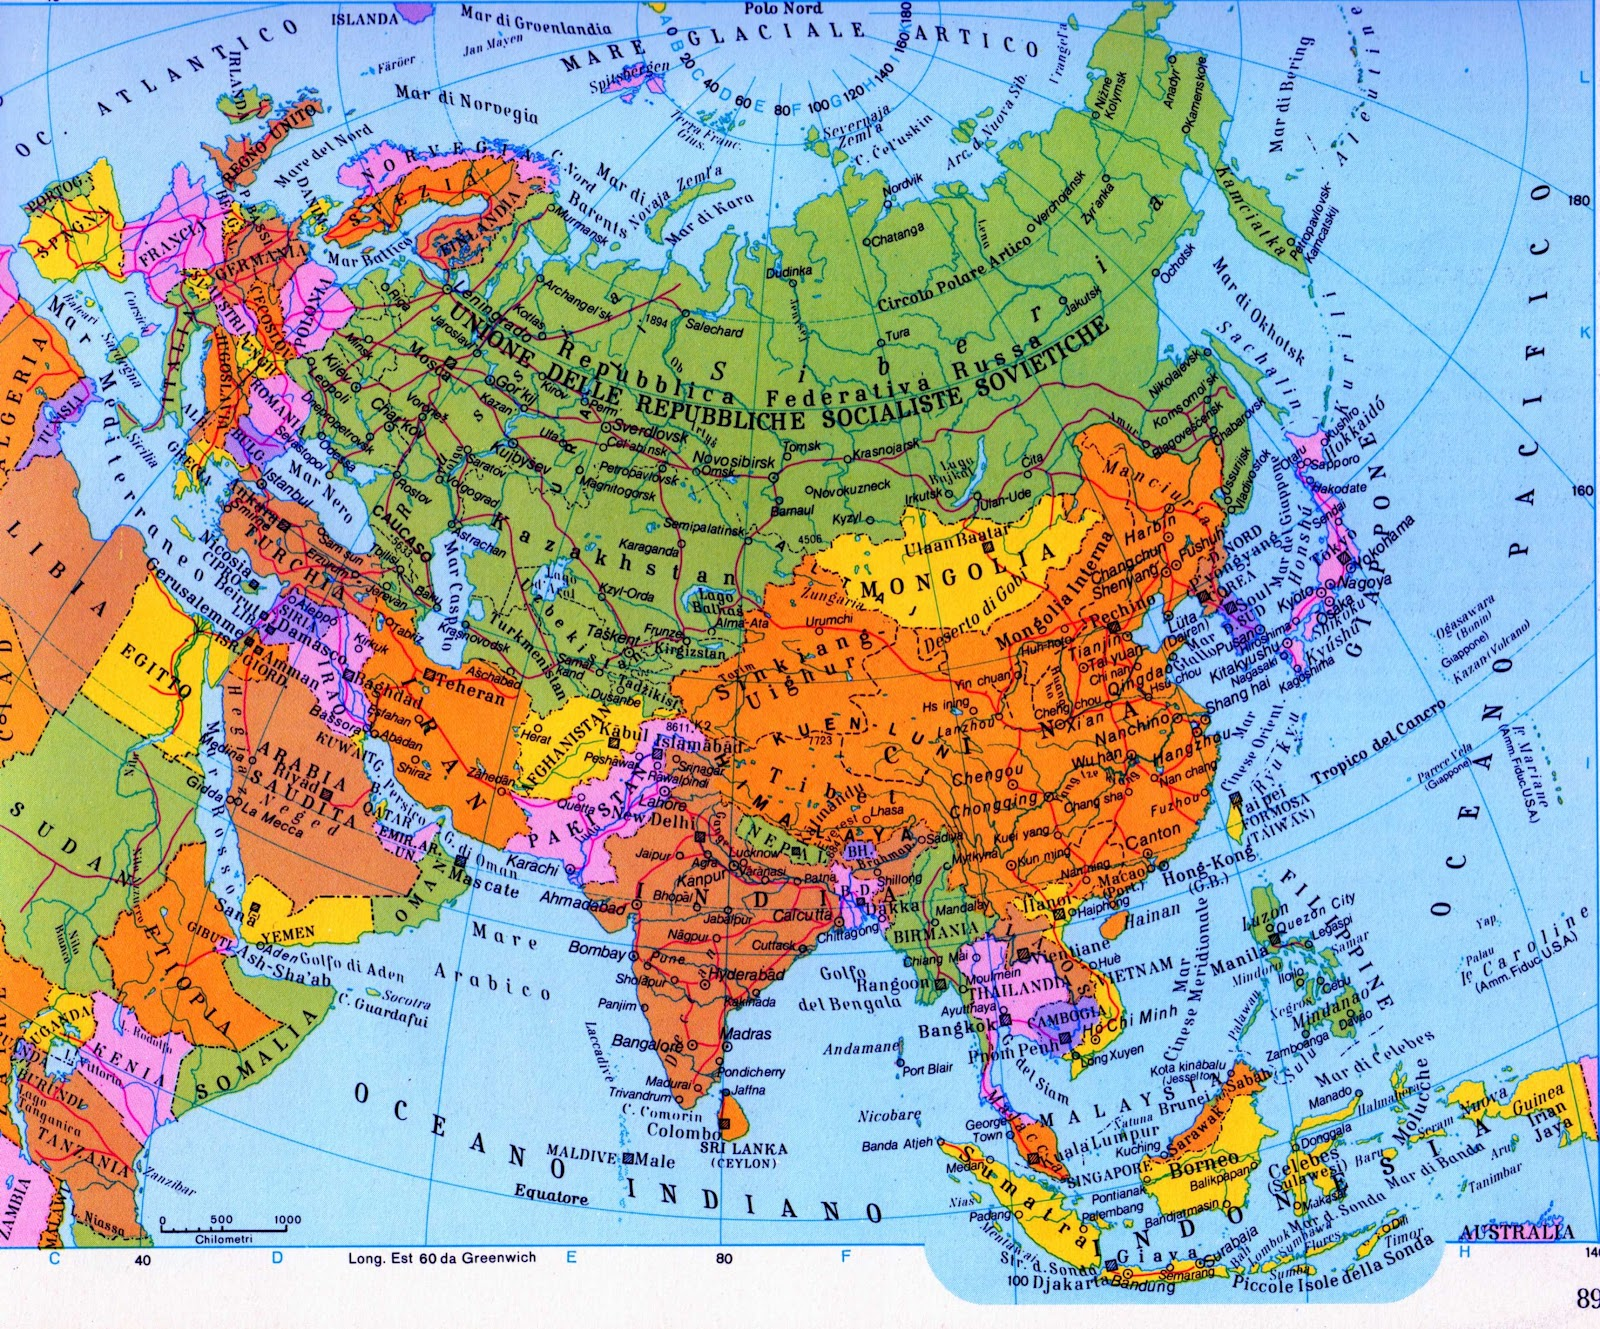 Europa E Asia Cartina.Quello Che Pechino Potrebbe Imparare Dalla Storia Di